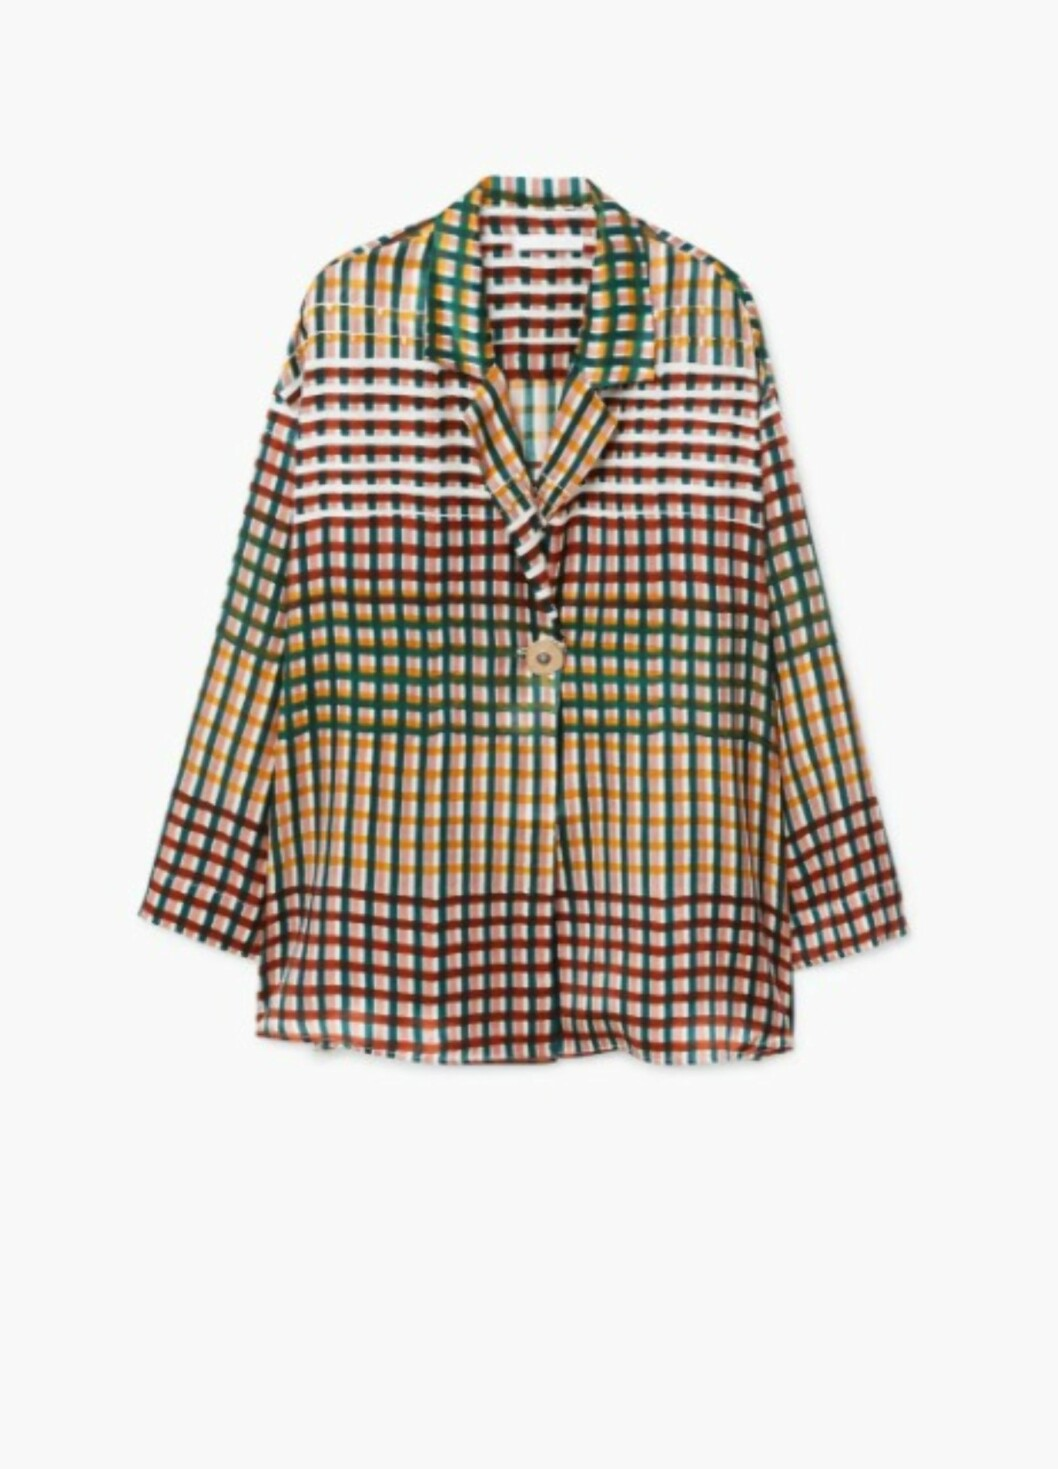 Skjorte fra Mango  1399,-  https://shop.mango.com/no/damer/skjorter-bluser/dobbelspent-silkebluse_11019052.html?c=49&ts=1510138252569